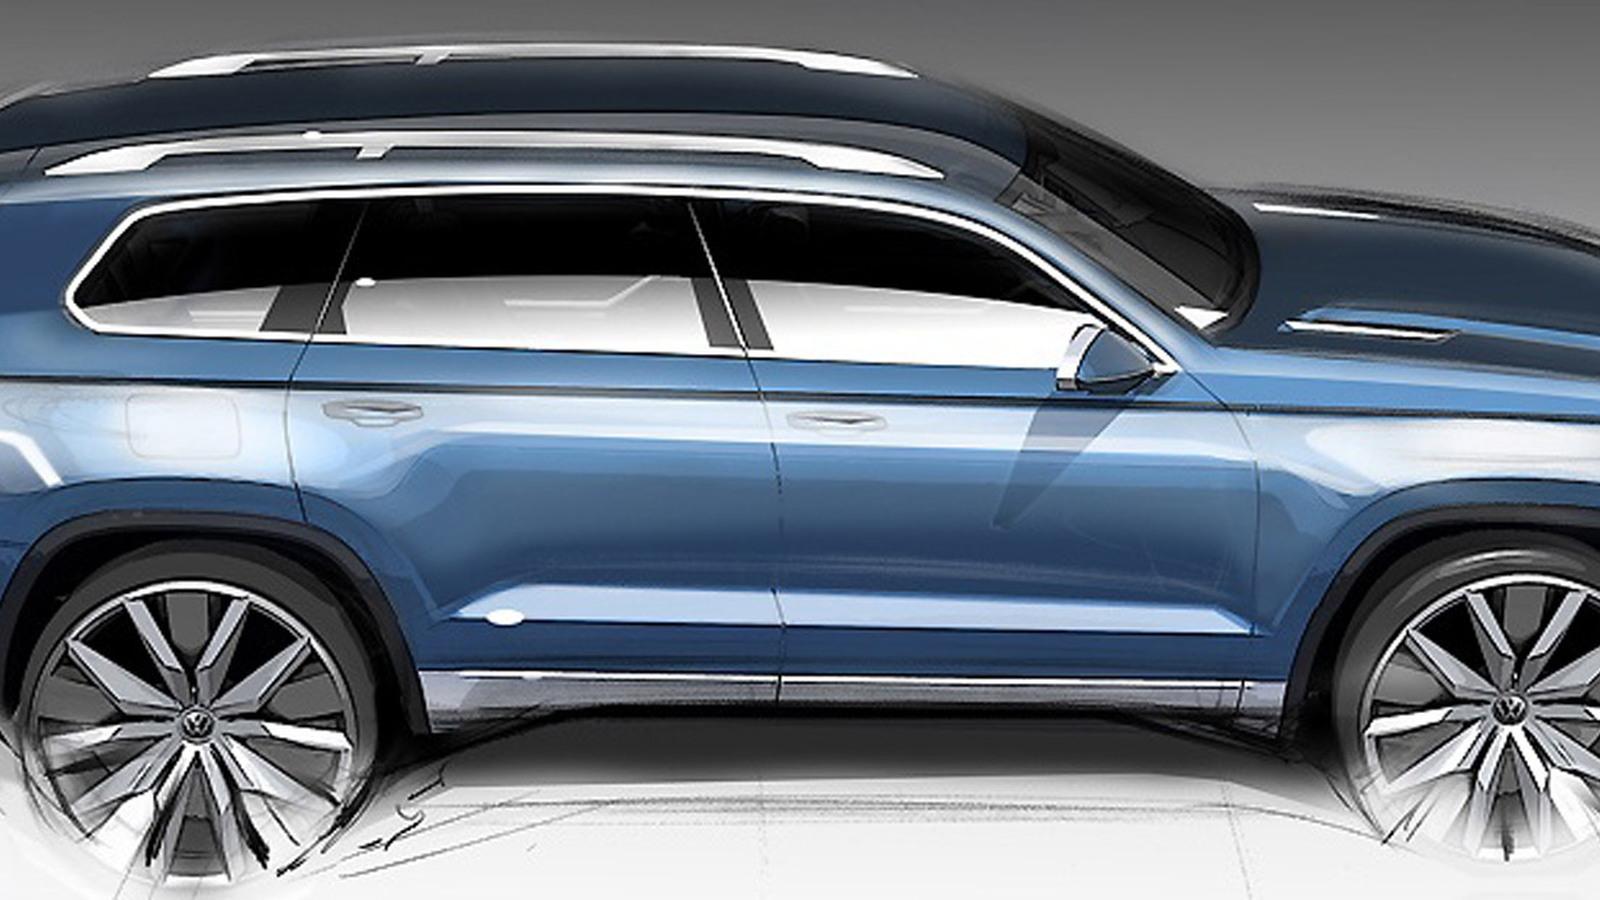 Volkswagen CrossBlue Concept - 2013 Detroit Auto Show